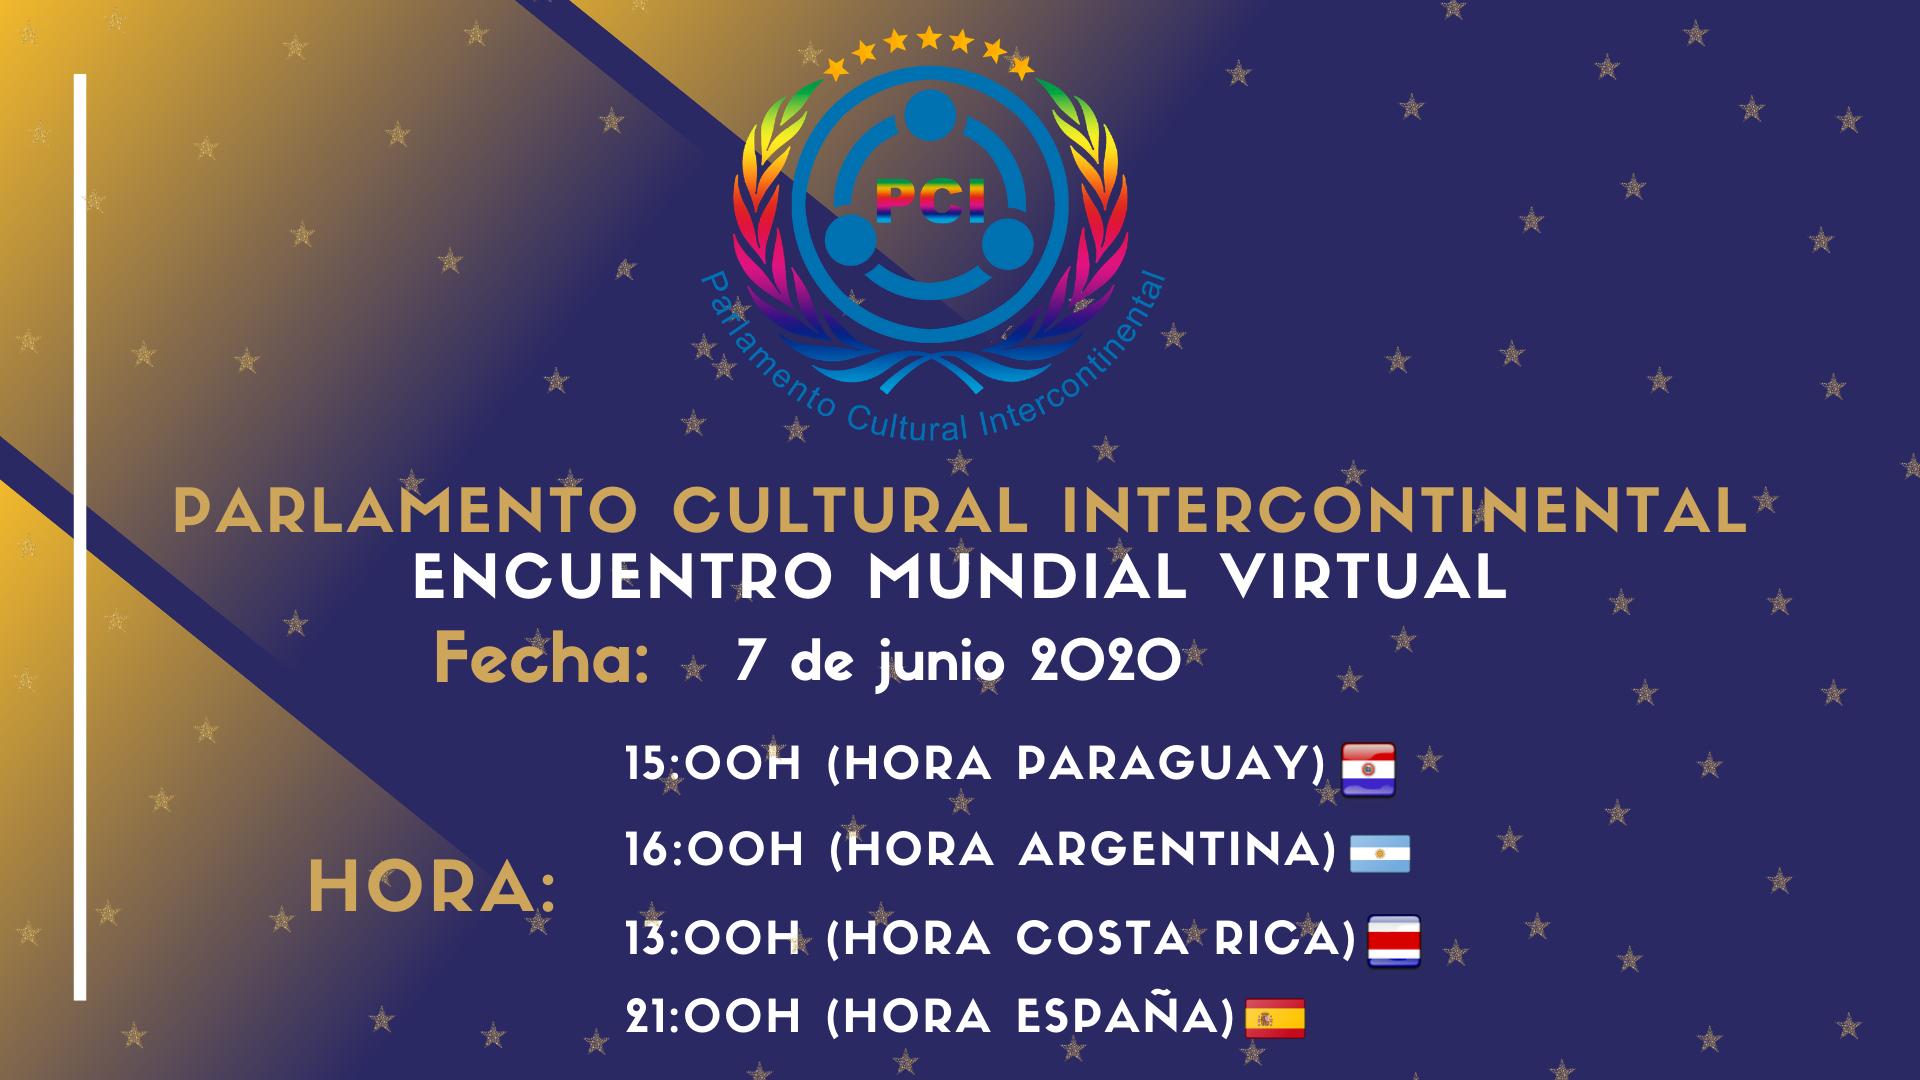 Invitación al Encuentro Mundial Virtual del Parlamento Cultural Intercontinental